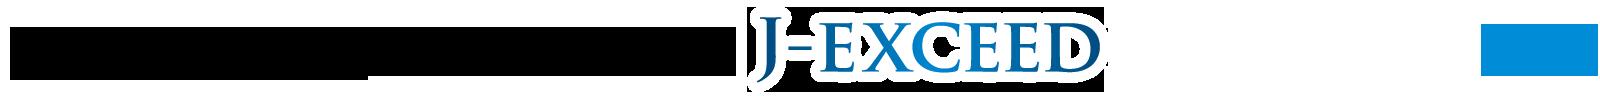 海外体験型【洋上研修】J-EXCEED